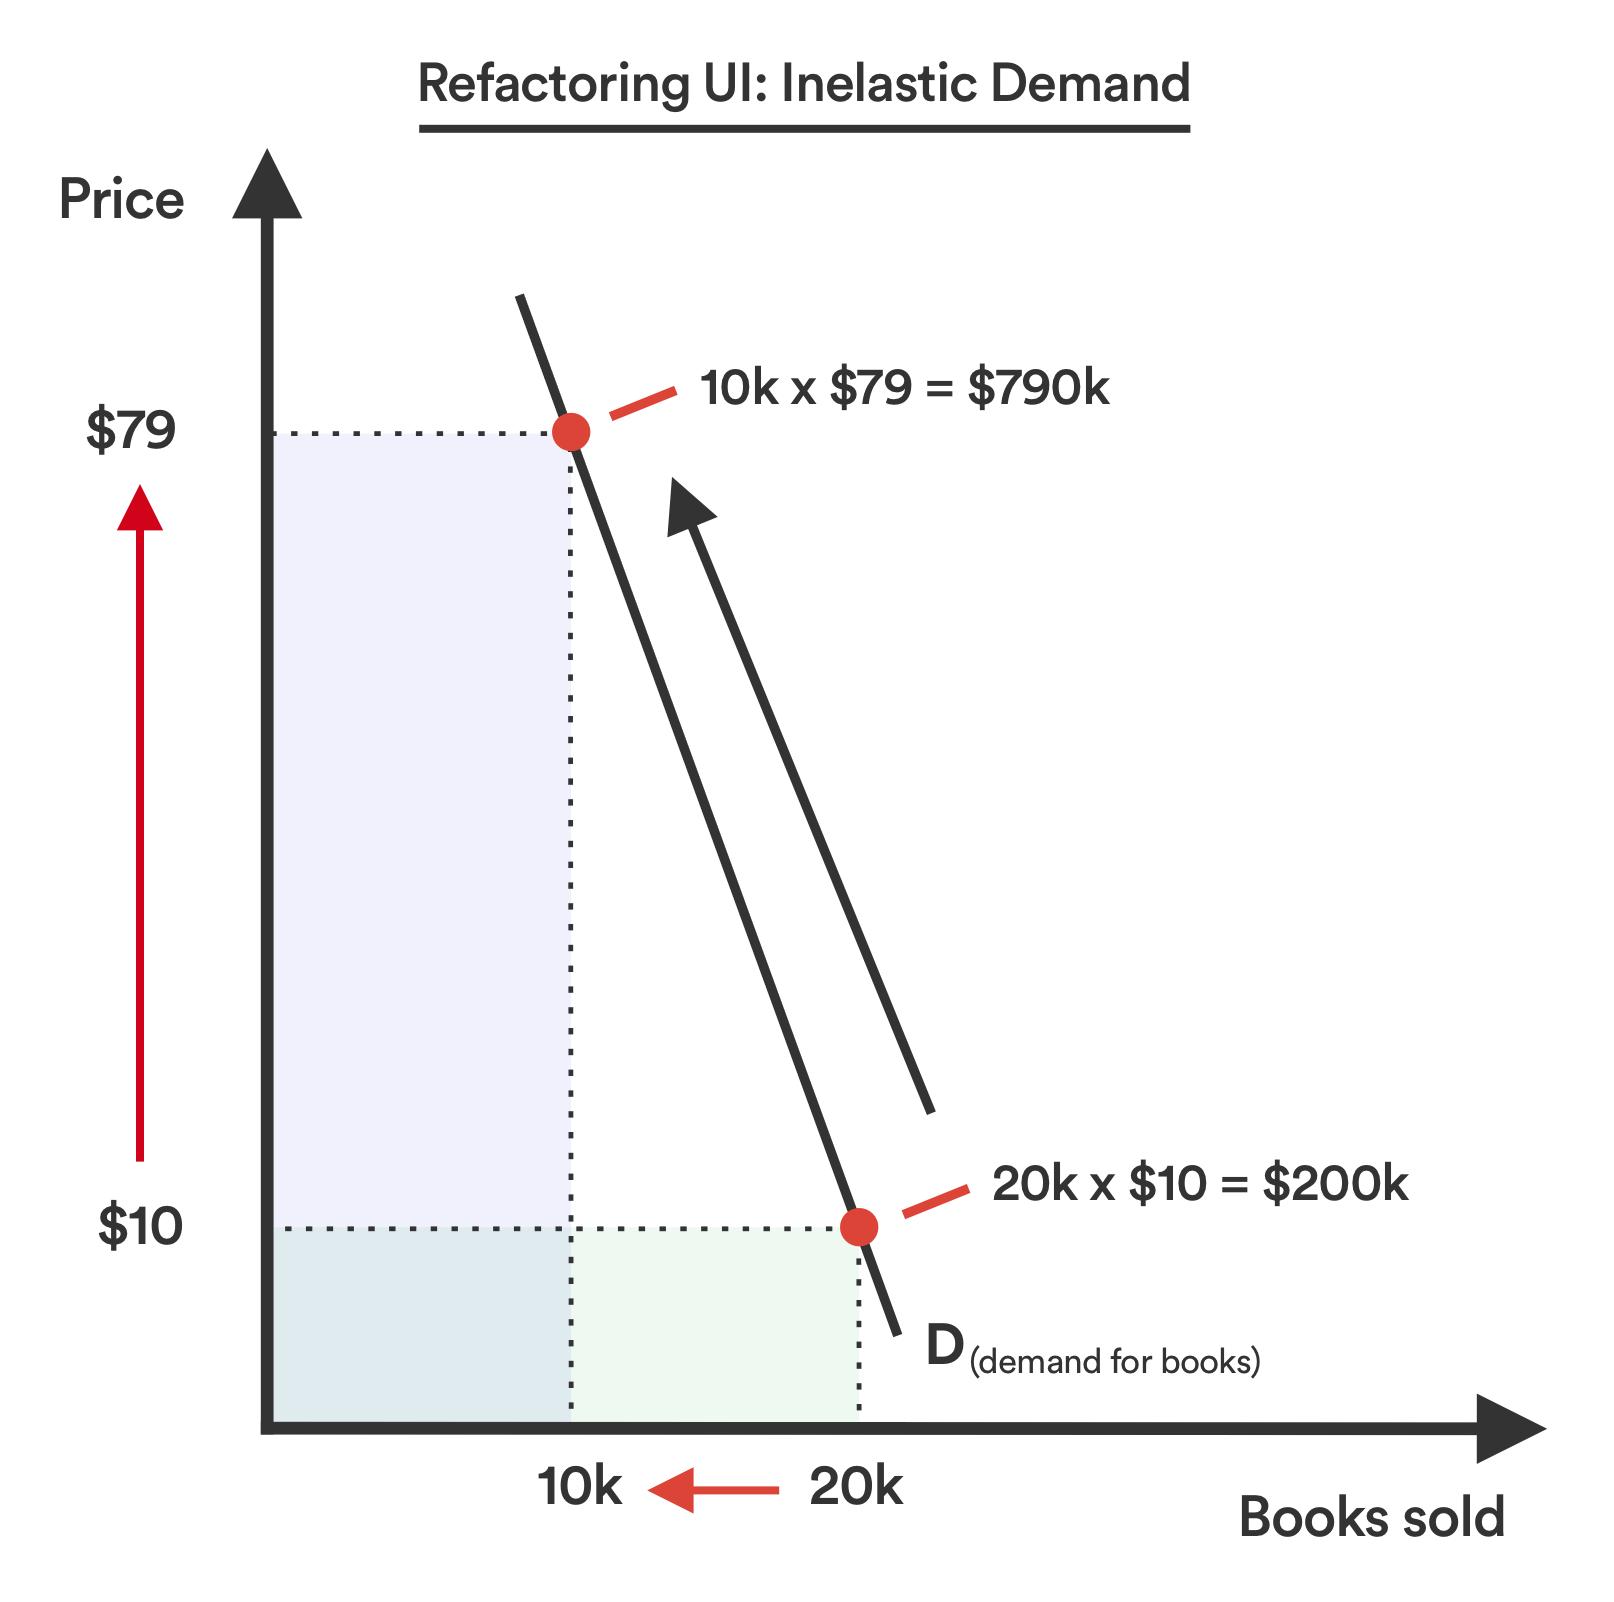 Refactoring UI: Inelastic demand